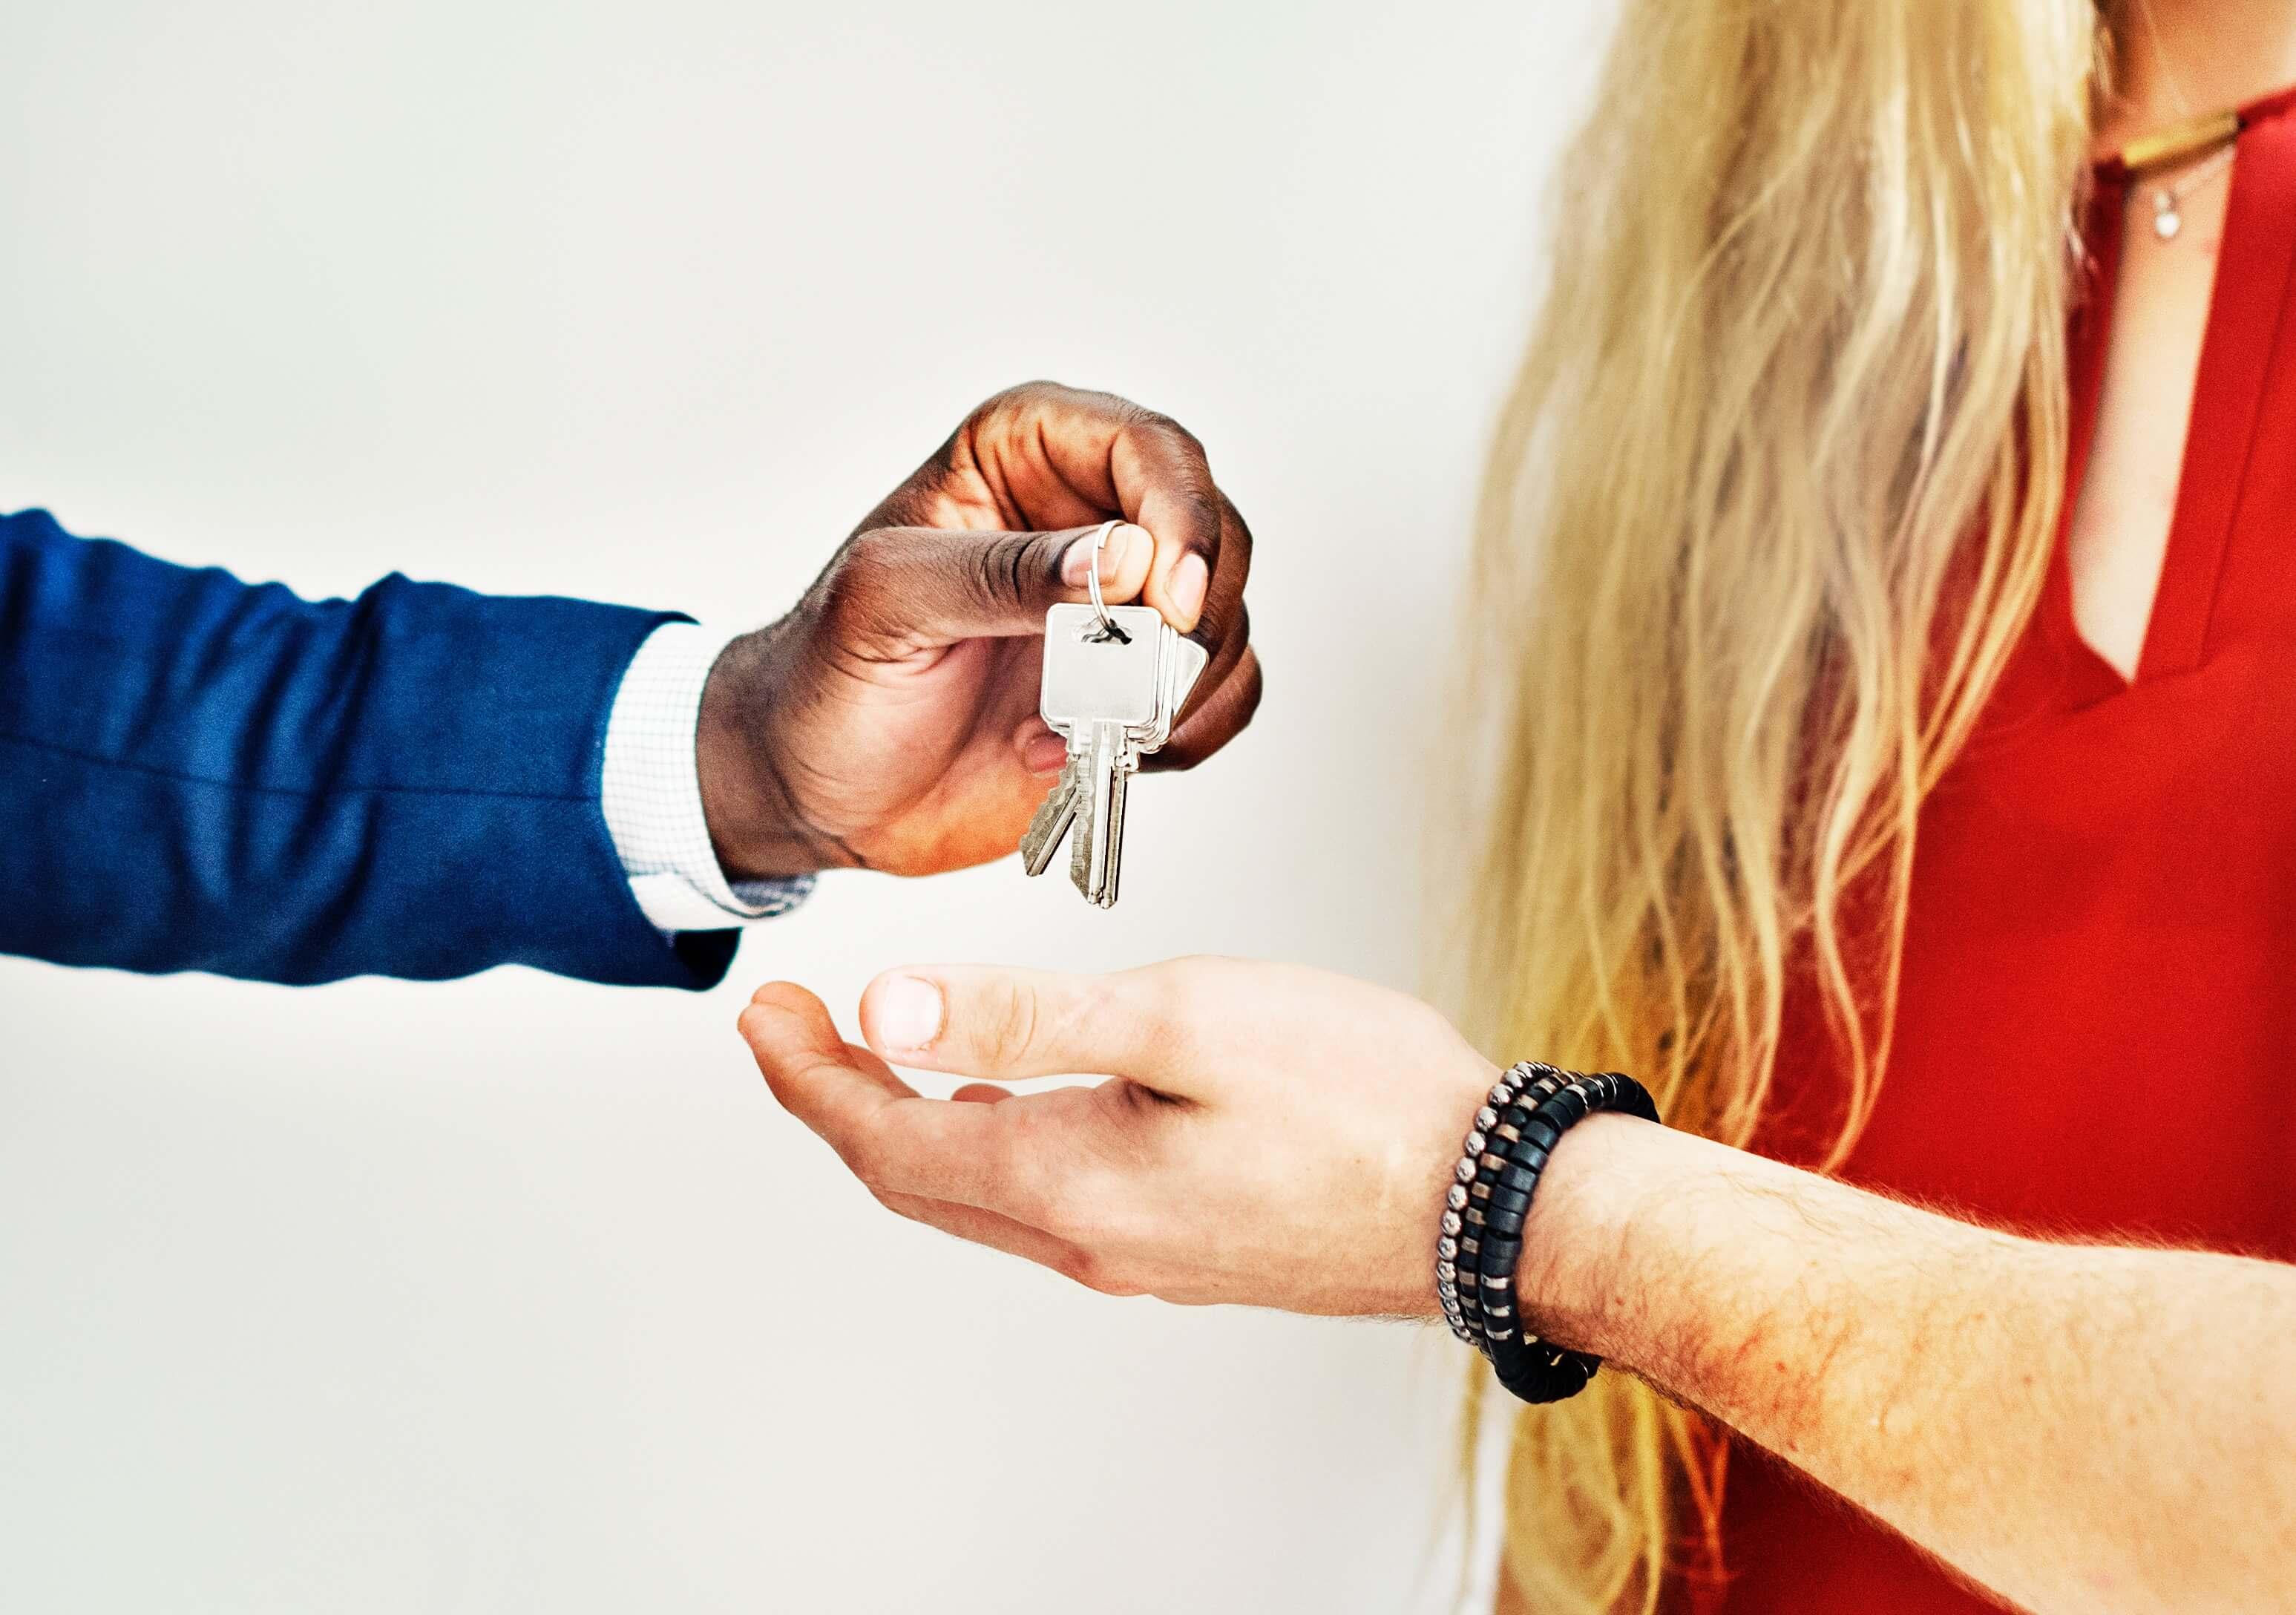 Tips om rekening mee te houden wanneer je een woning zoekt